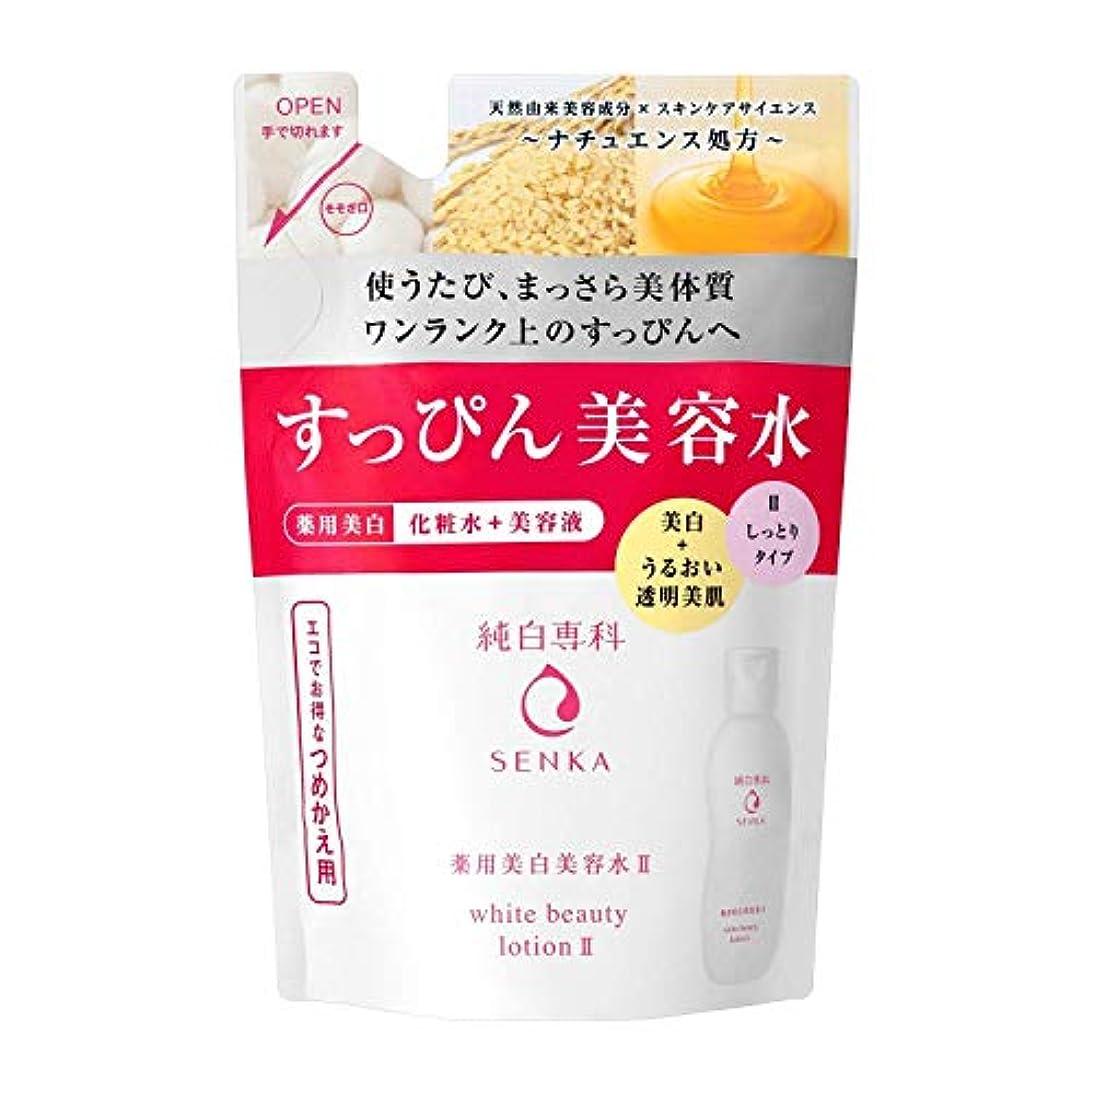 絶え間ない節約統治可能純白専科 すっぴん美容水II 詰め替え (医薬部外品) 化粧水